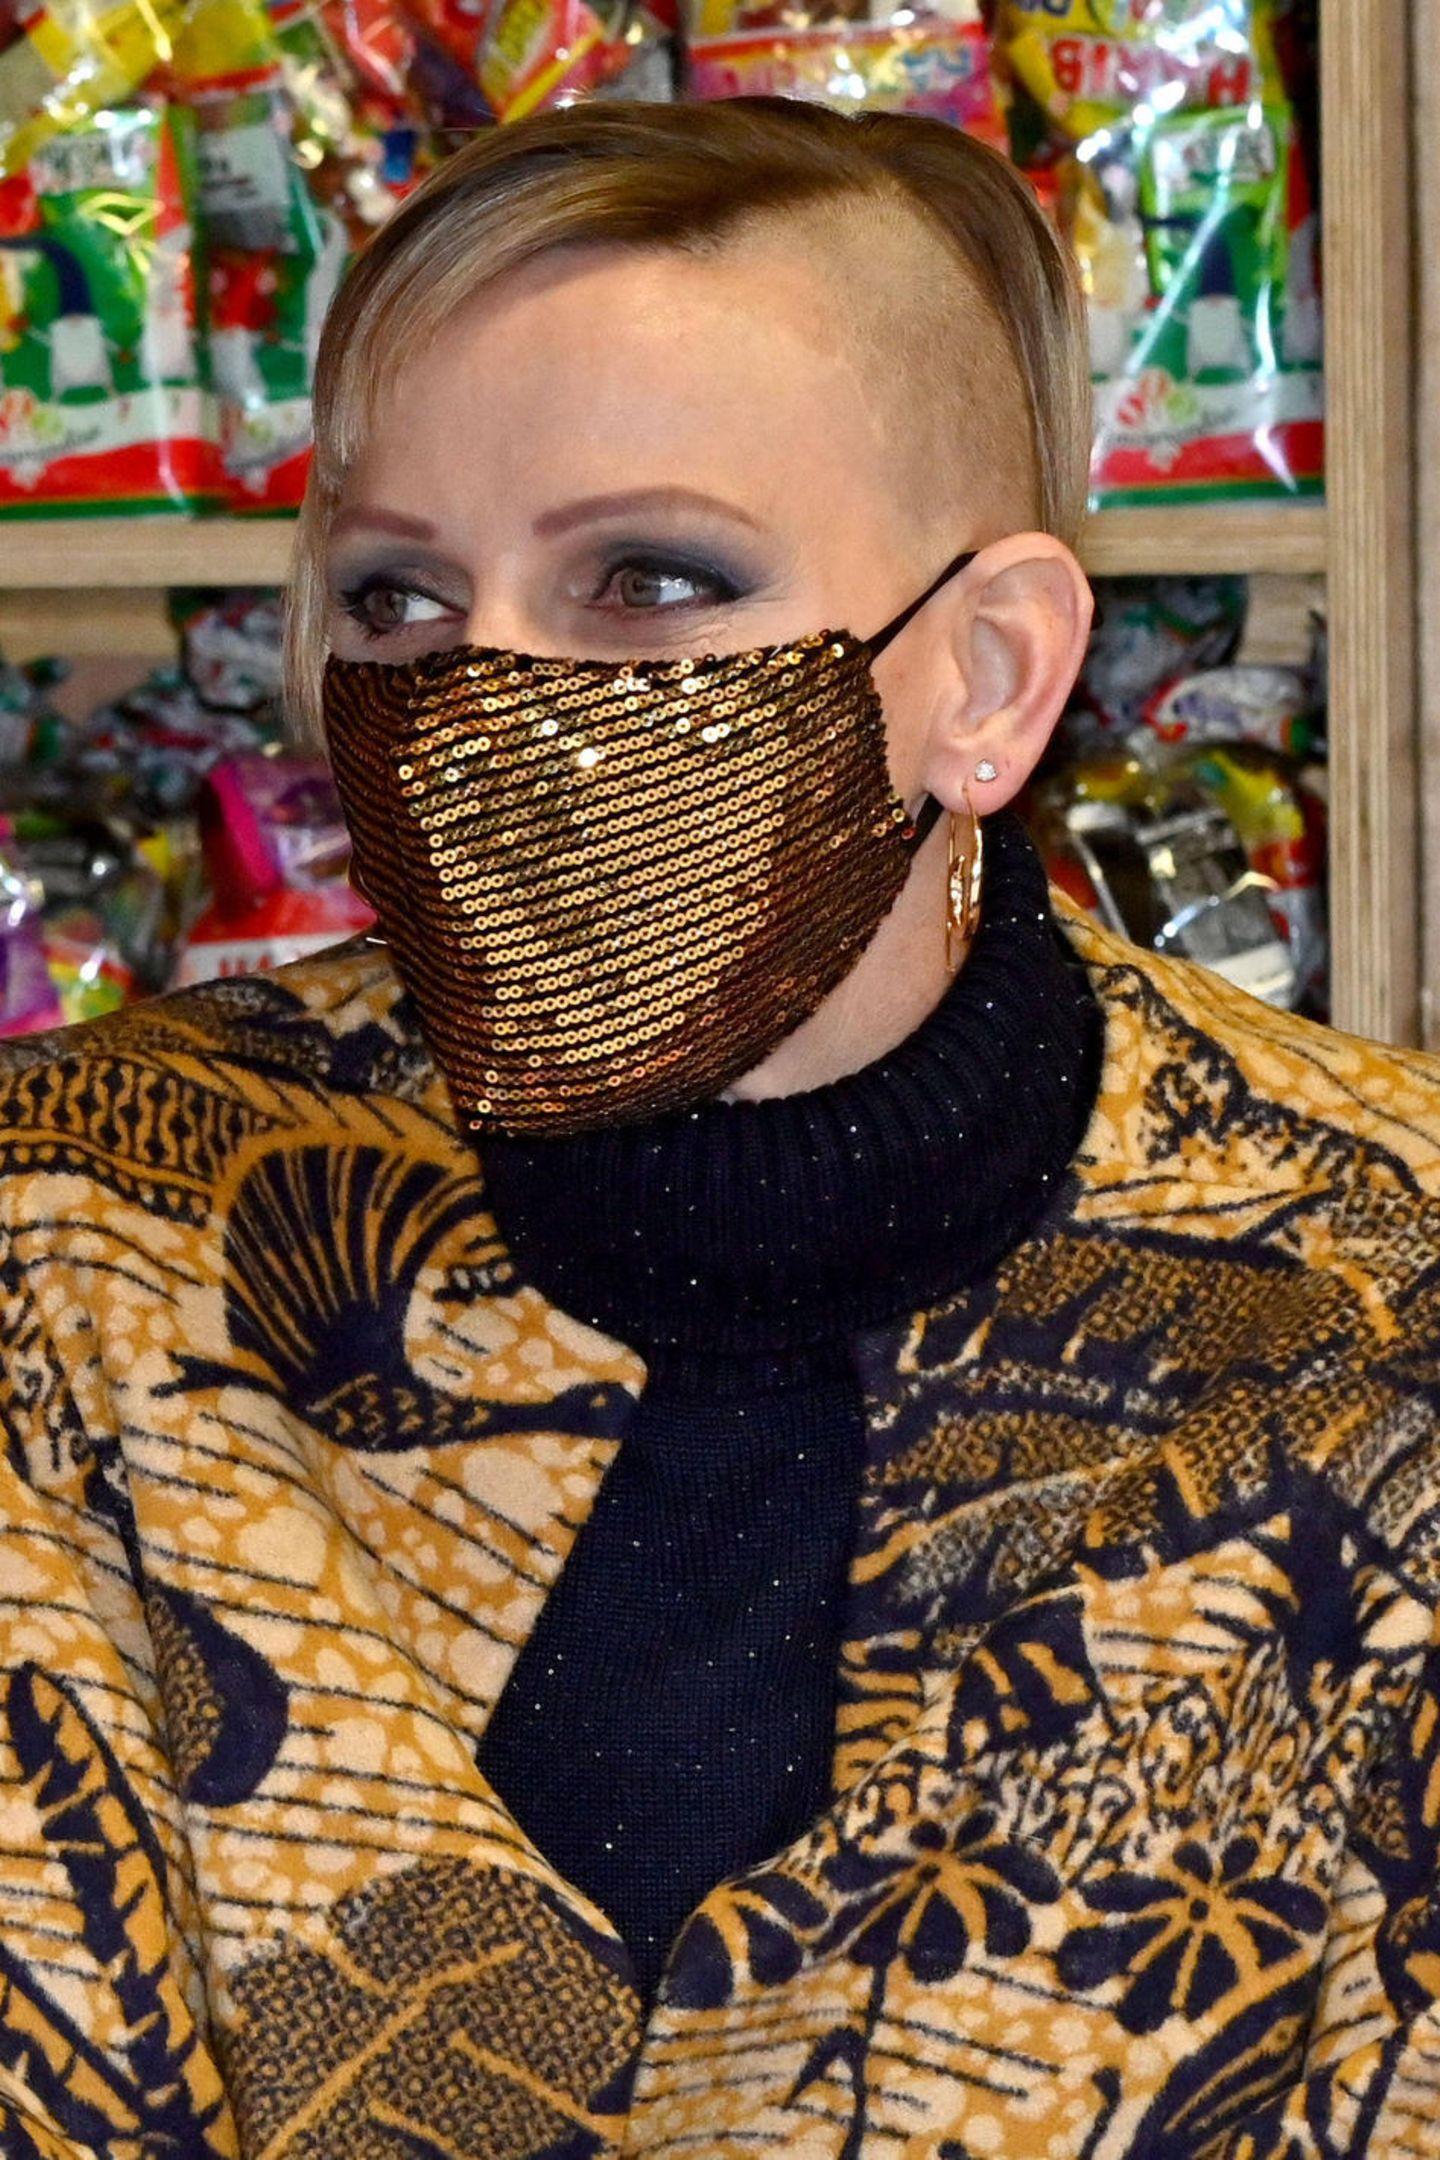 """Wow! Fürstin Charlène zeigt sich beim traditionellen """"Arbre de Noël"""" mit einer nicht wirklich traditionellen neuen Frisur: Sie trägt jetzt einen rasierten Undercut! Auch ihr Augen-Make-up und ihr Outfit sind auffällig und edgy. Als hätte sich die Zwillingsmama neu erfunden!"""